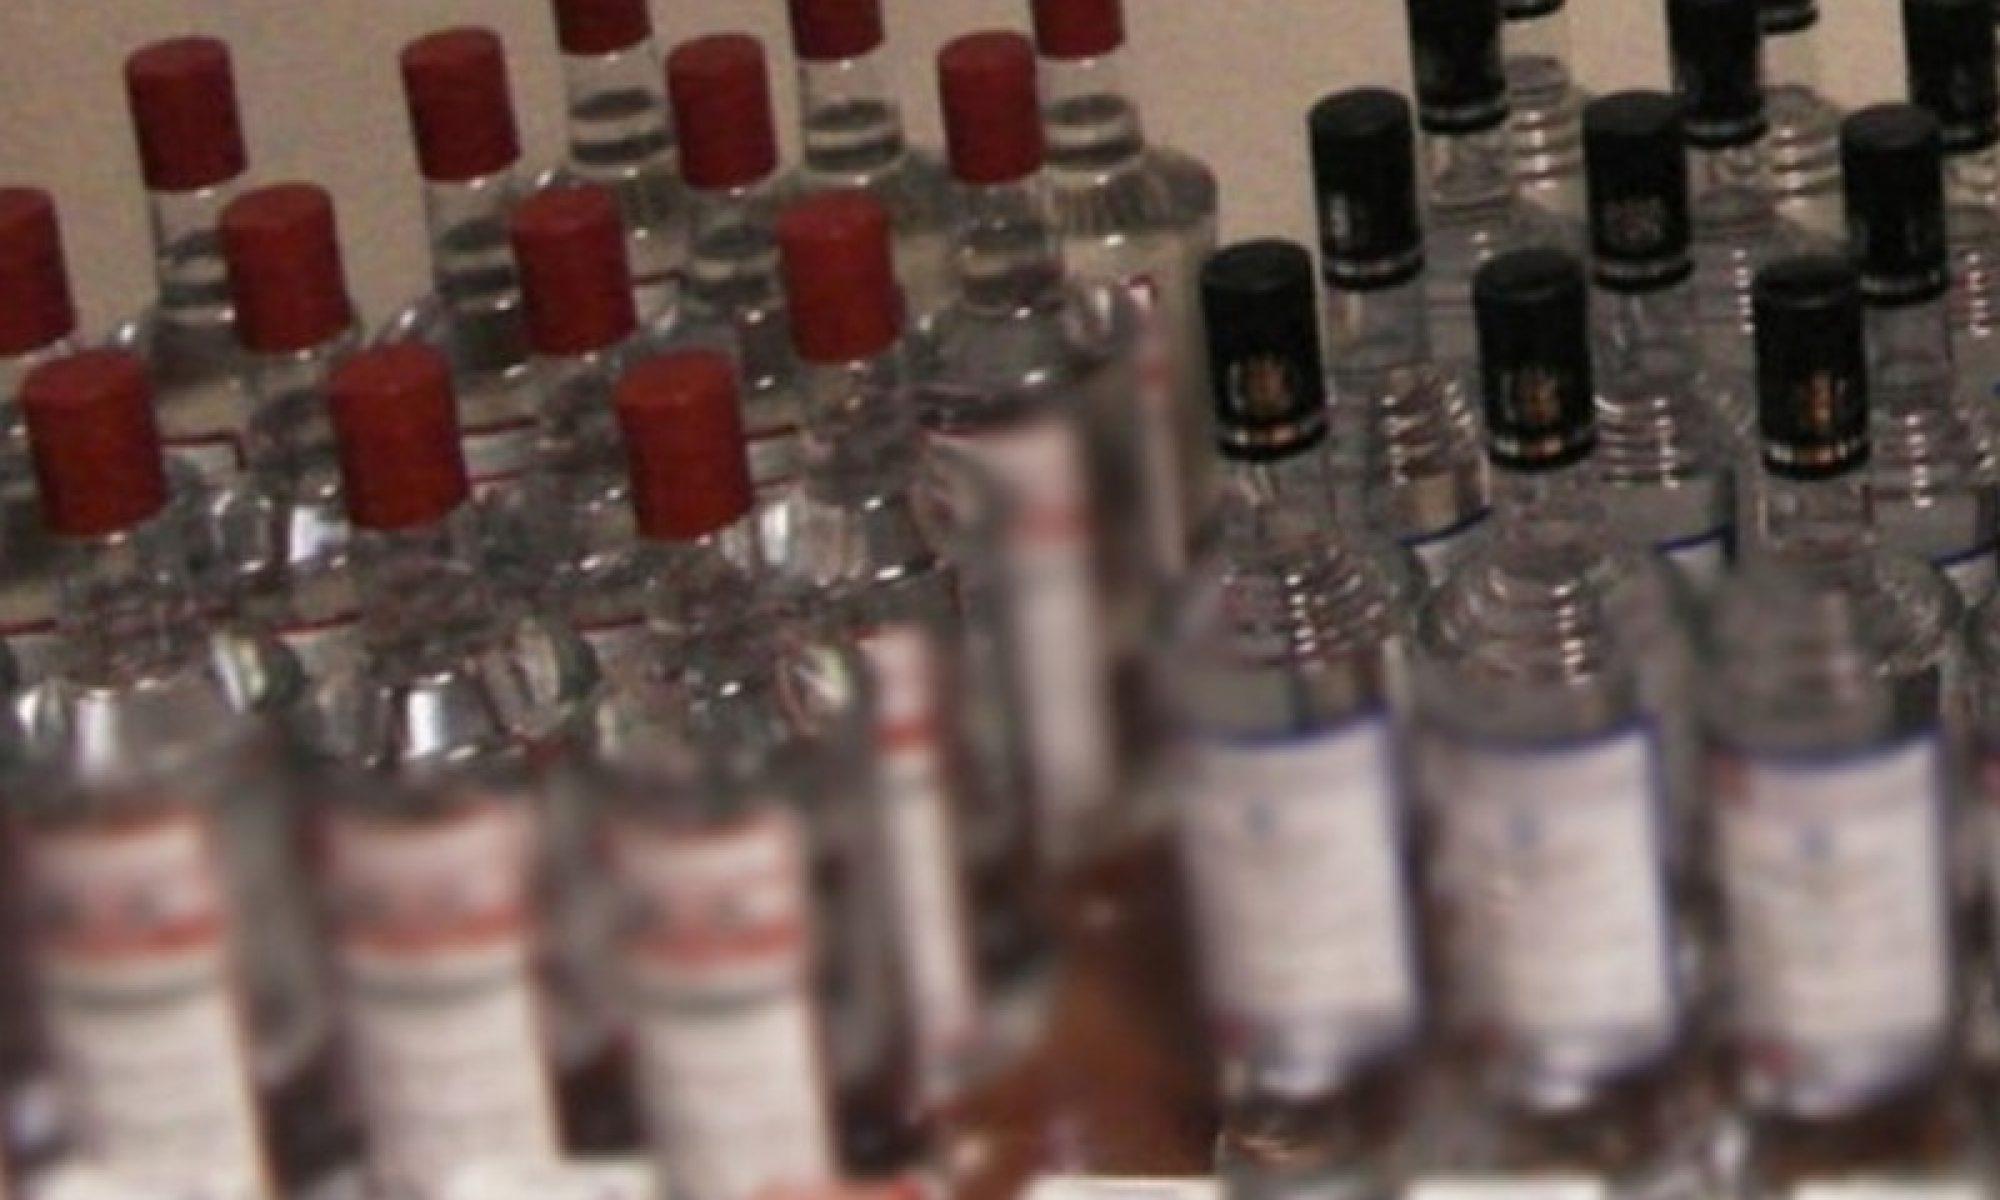 İran'da coronaya karşı alkol içerek tedbir almaya çalışan 44 kişi öldü